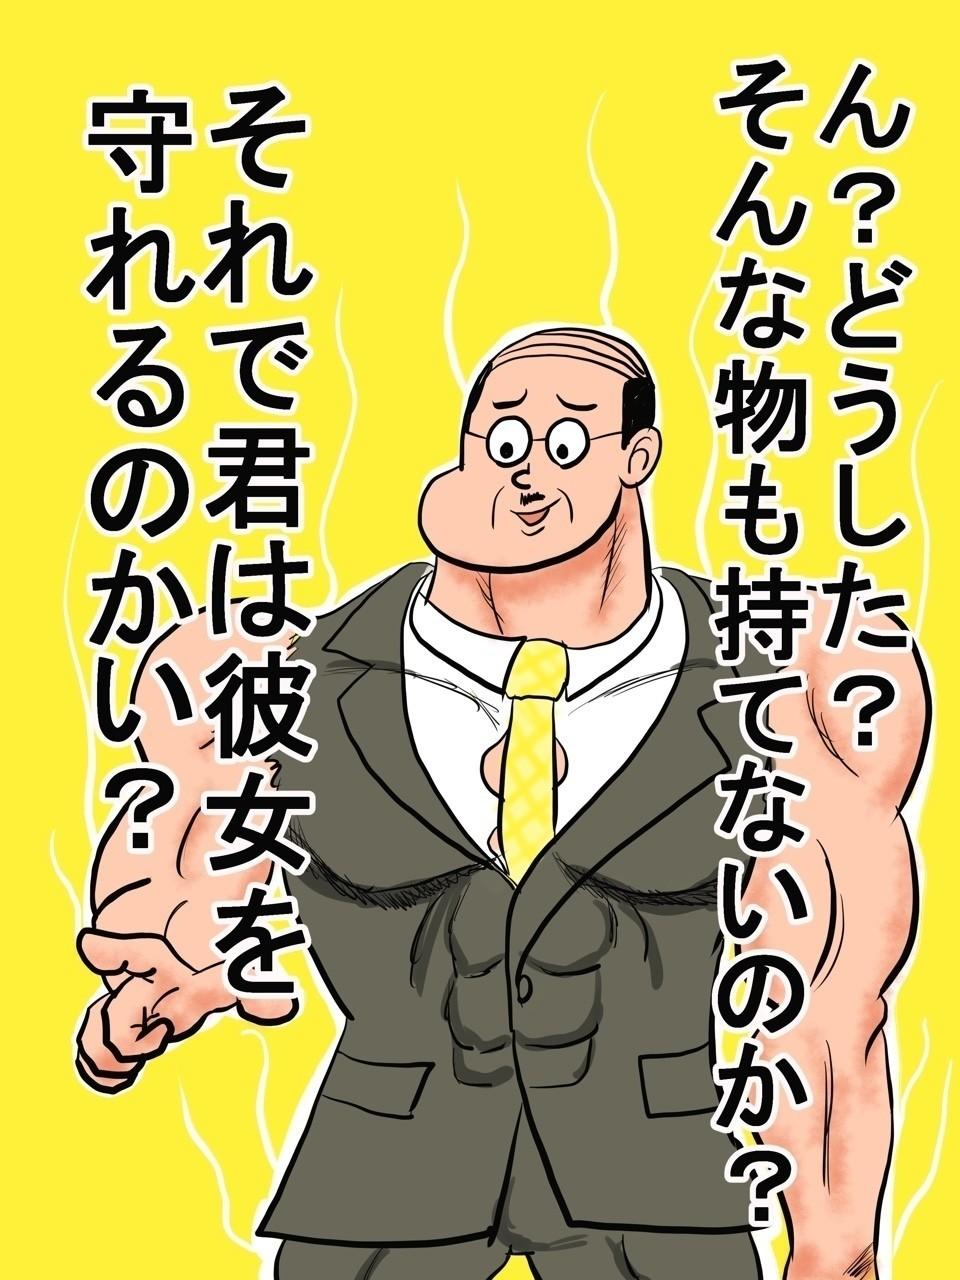 #ひとコマ漫画  #漫画  #イラスト  #マンガ #ハラ部長 #こんな上司は嫌だ